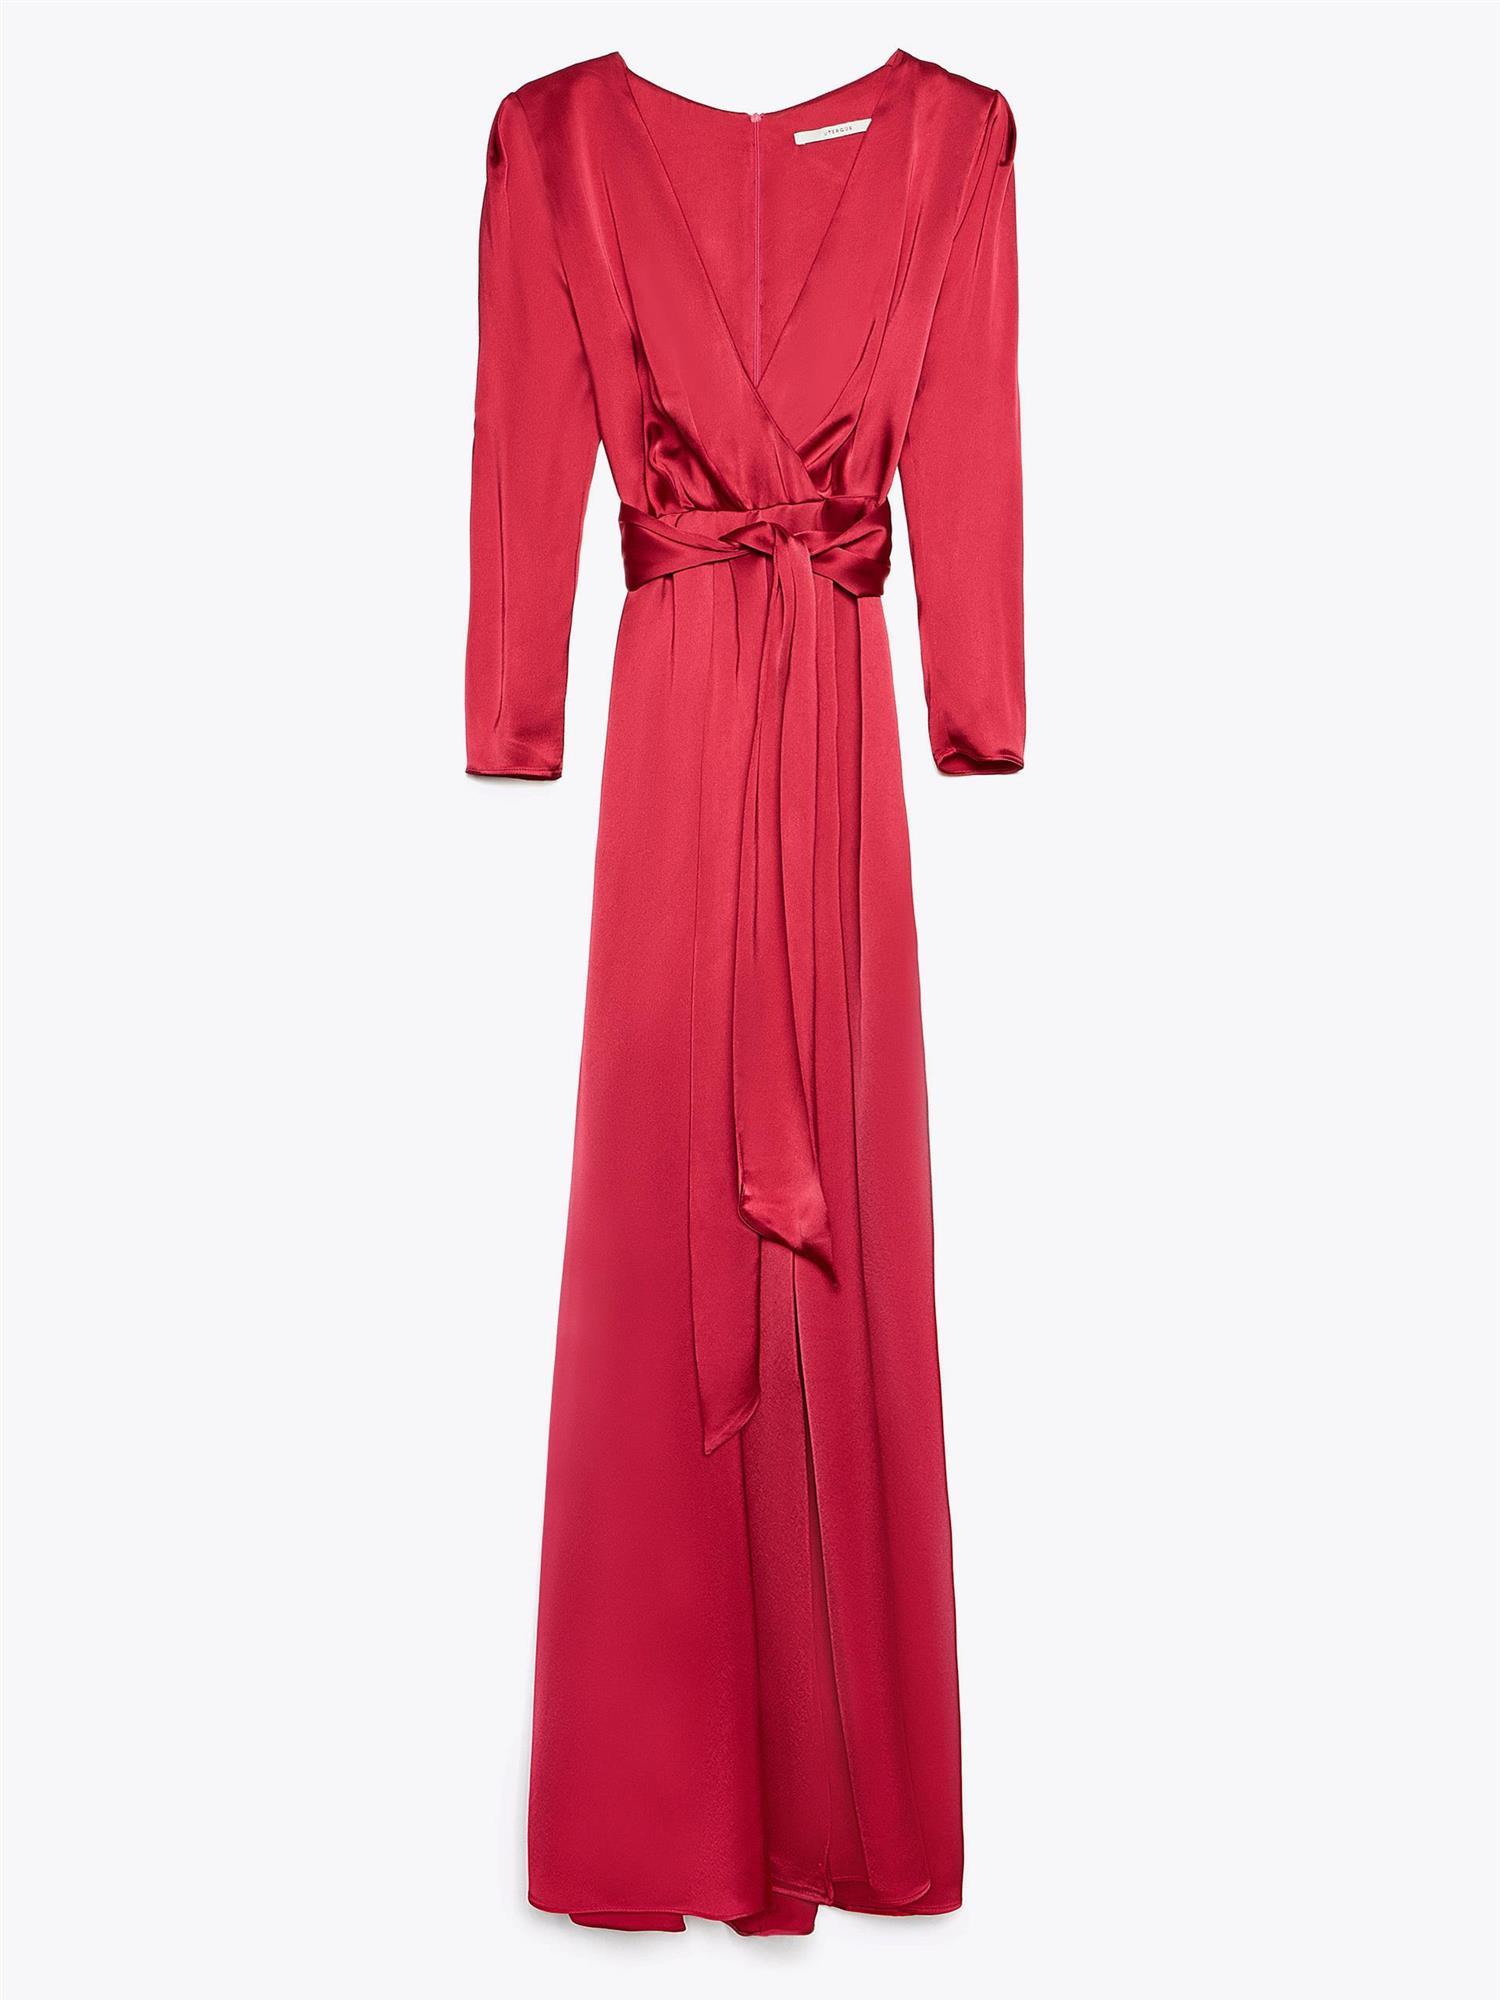 135 Fotos De Vestidos Rojos